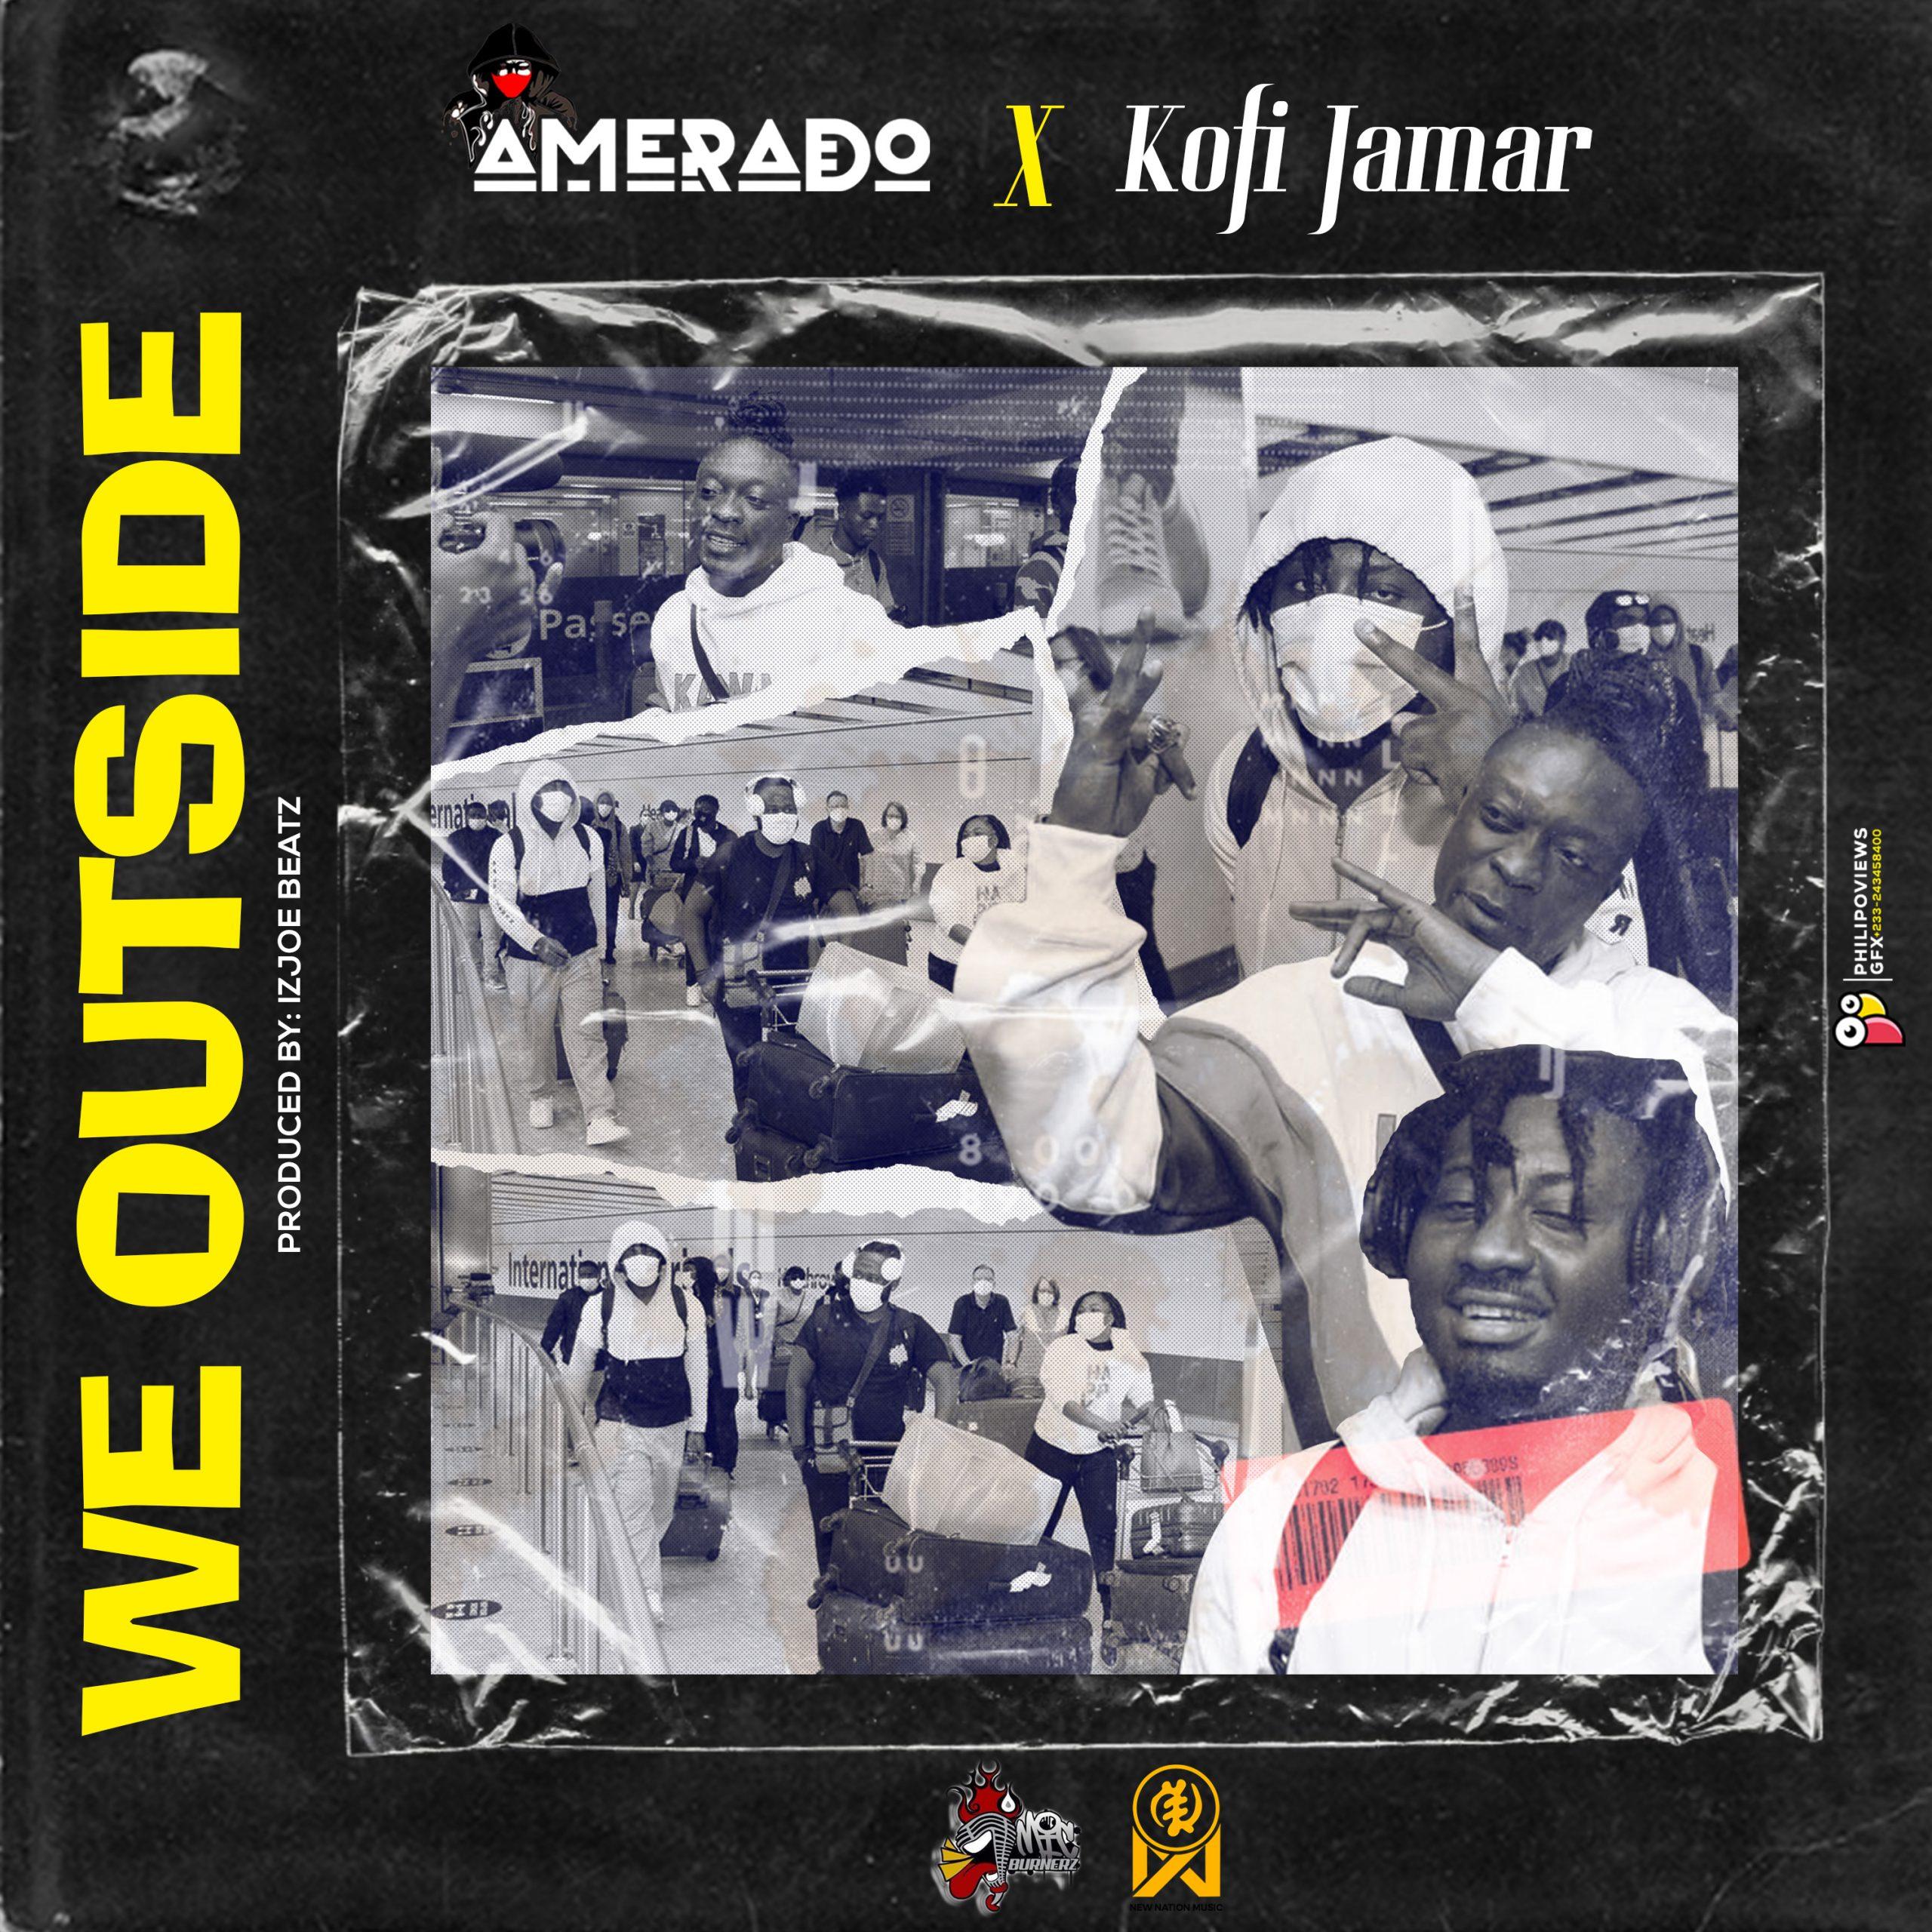 Amerado Ft. Kofi Jamar – We Outside mp3 download